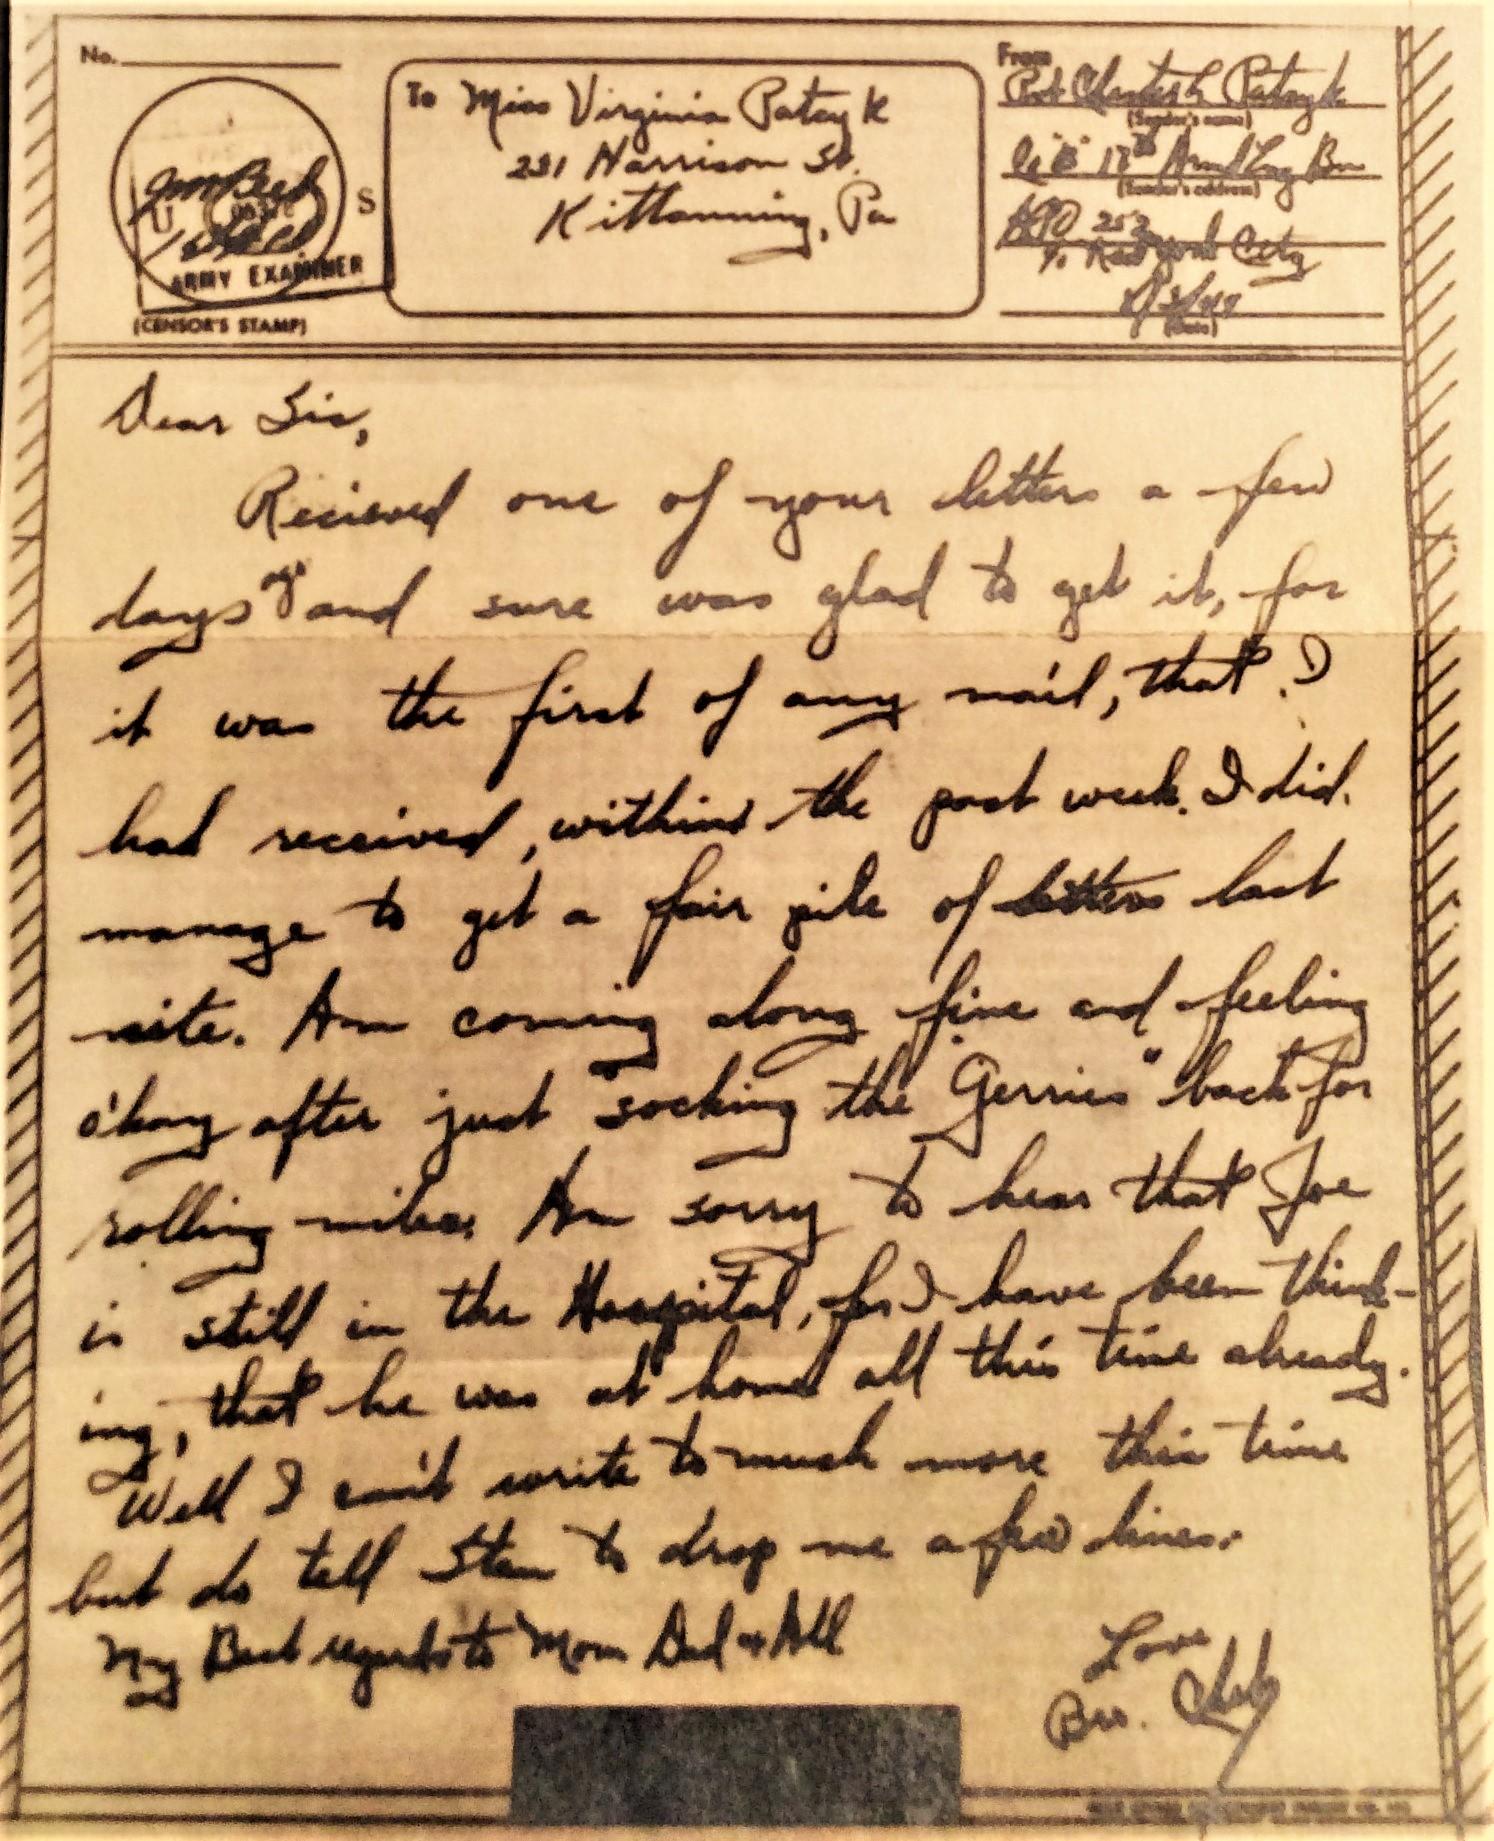 Last letter, V-mail August 3, 1944 (Courtesy Carleen Dunne)